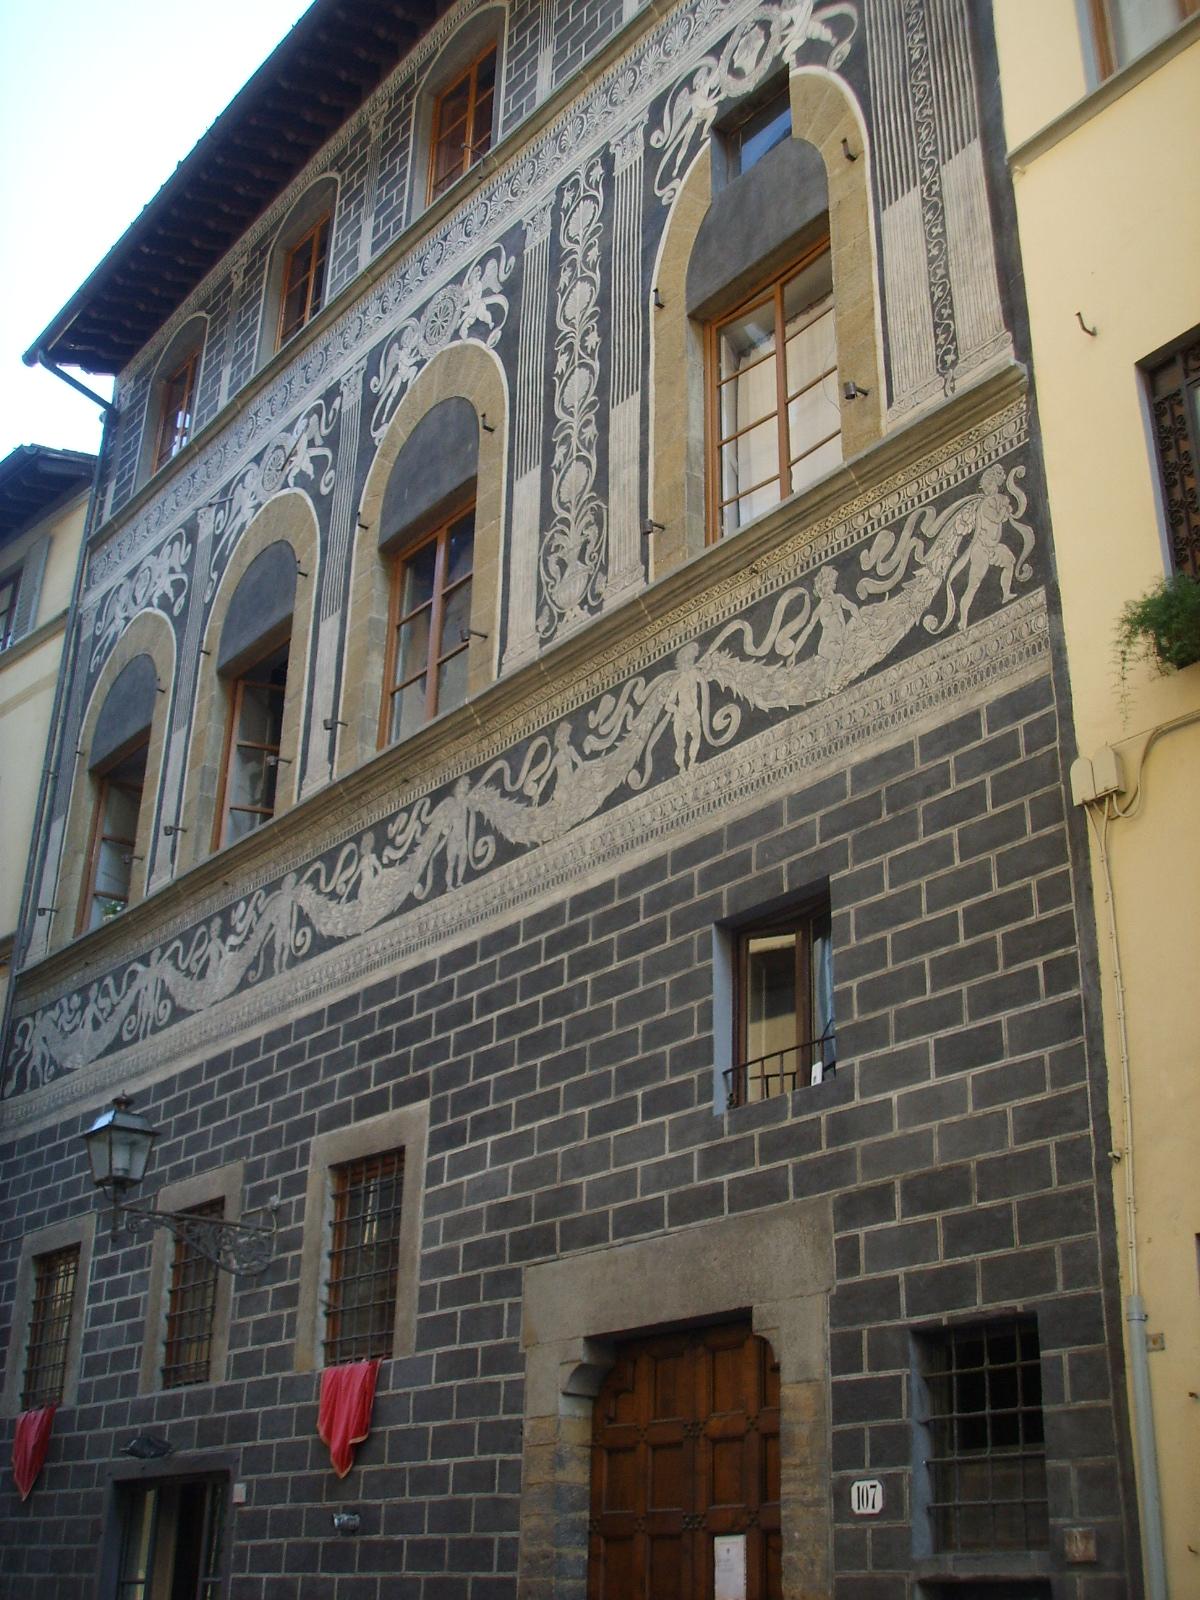 Palazzo_nasi-quaratesi%2C_via_san_niccolò_107.JPG